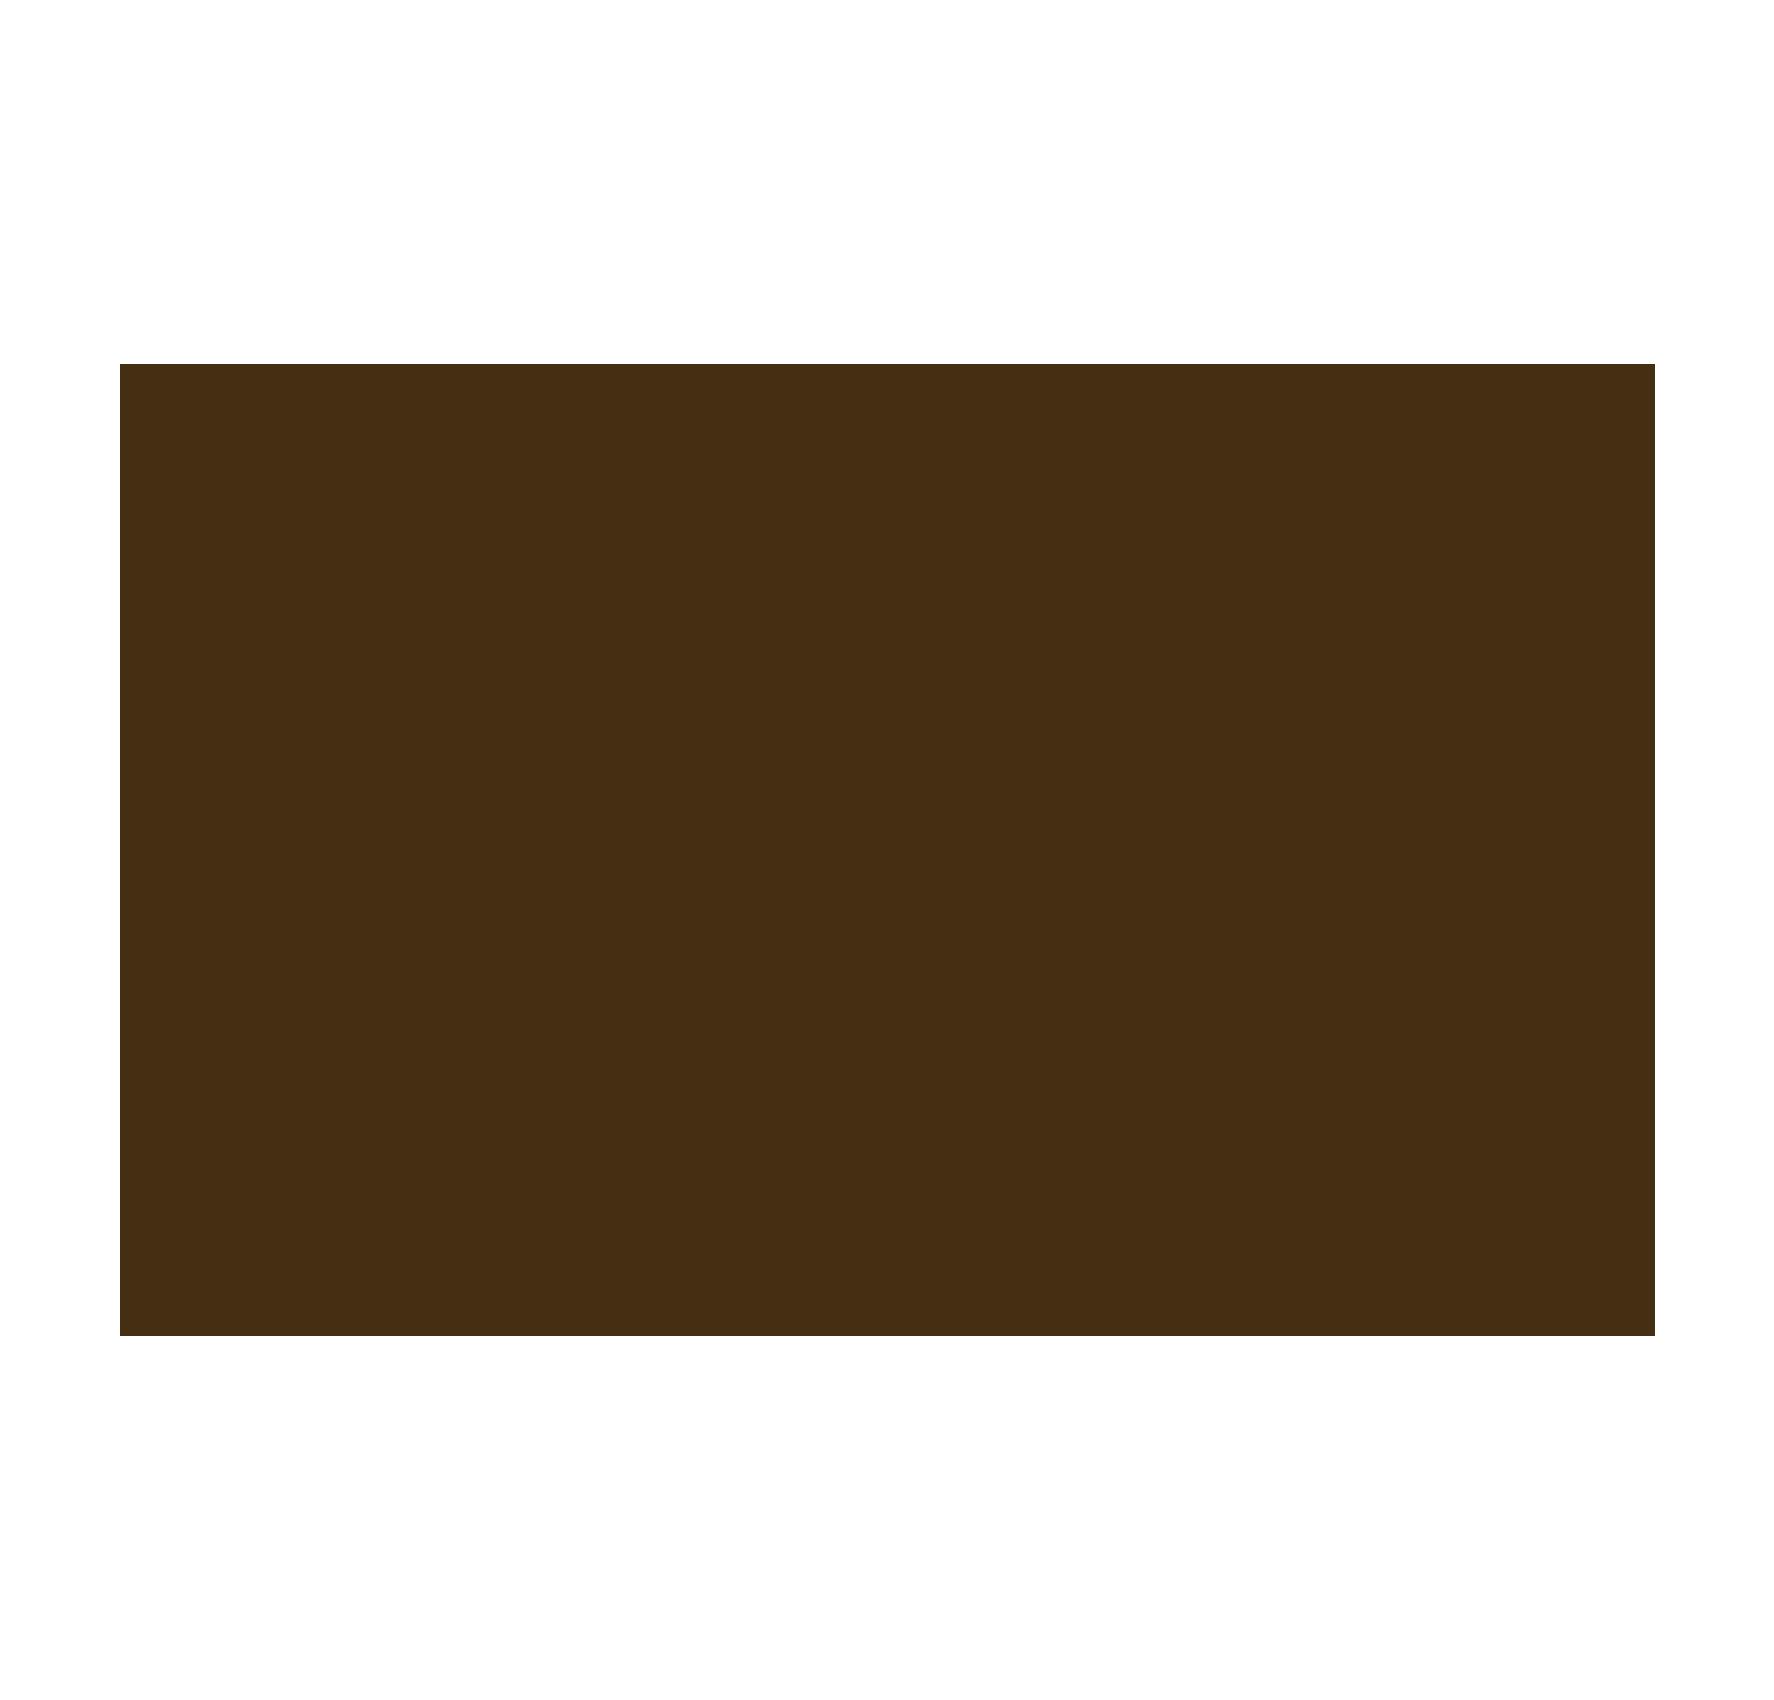 FromUS2EU Shipping Service